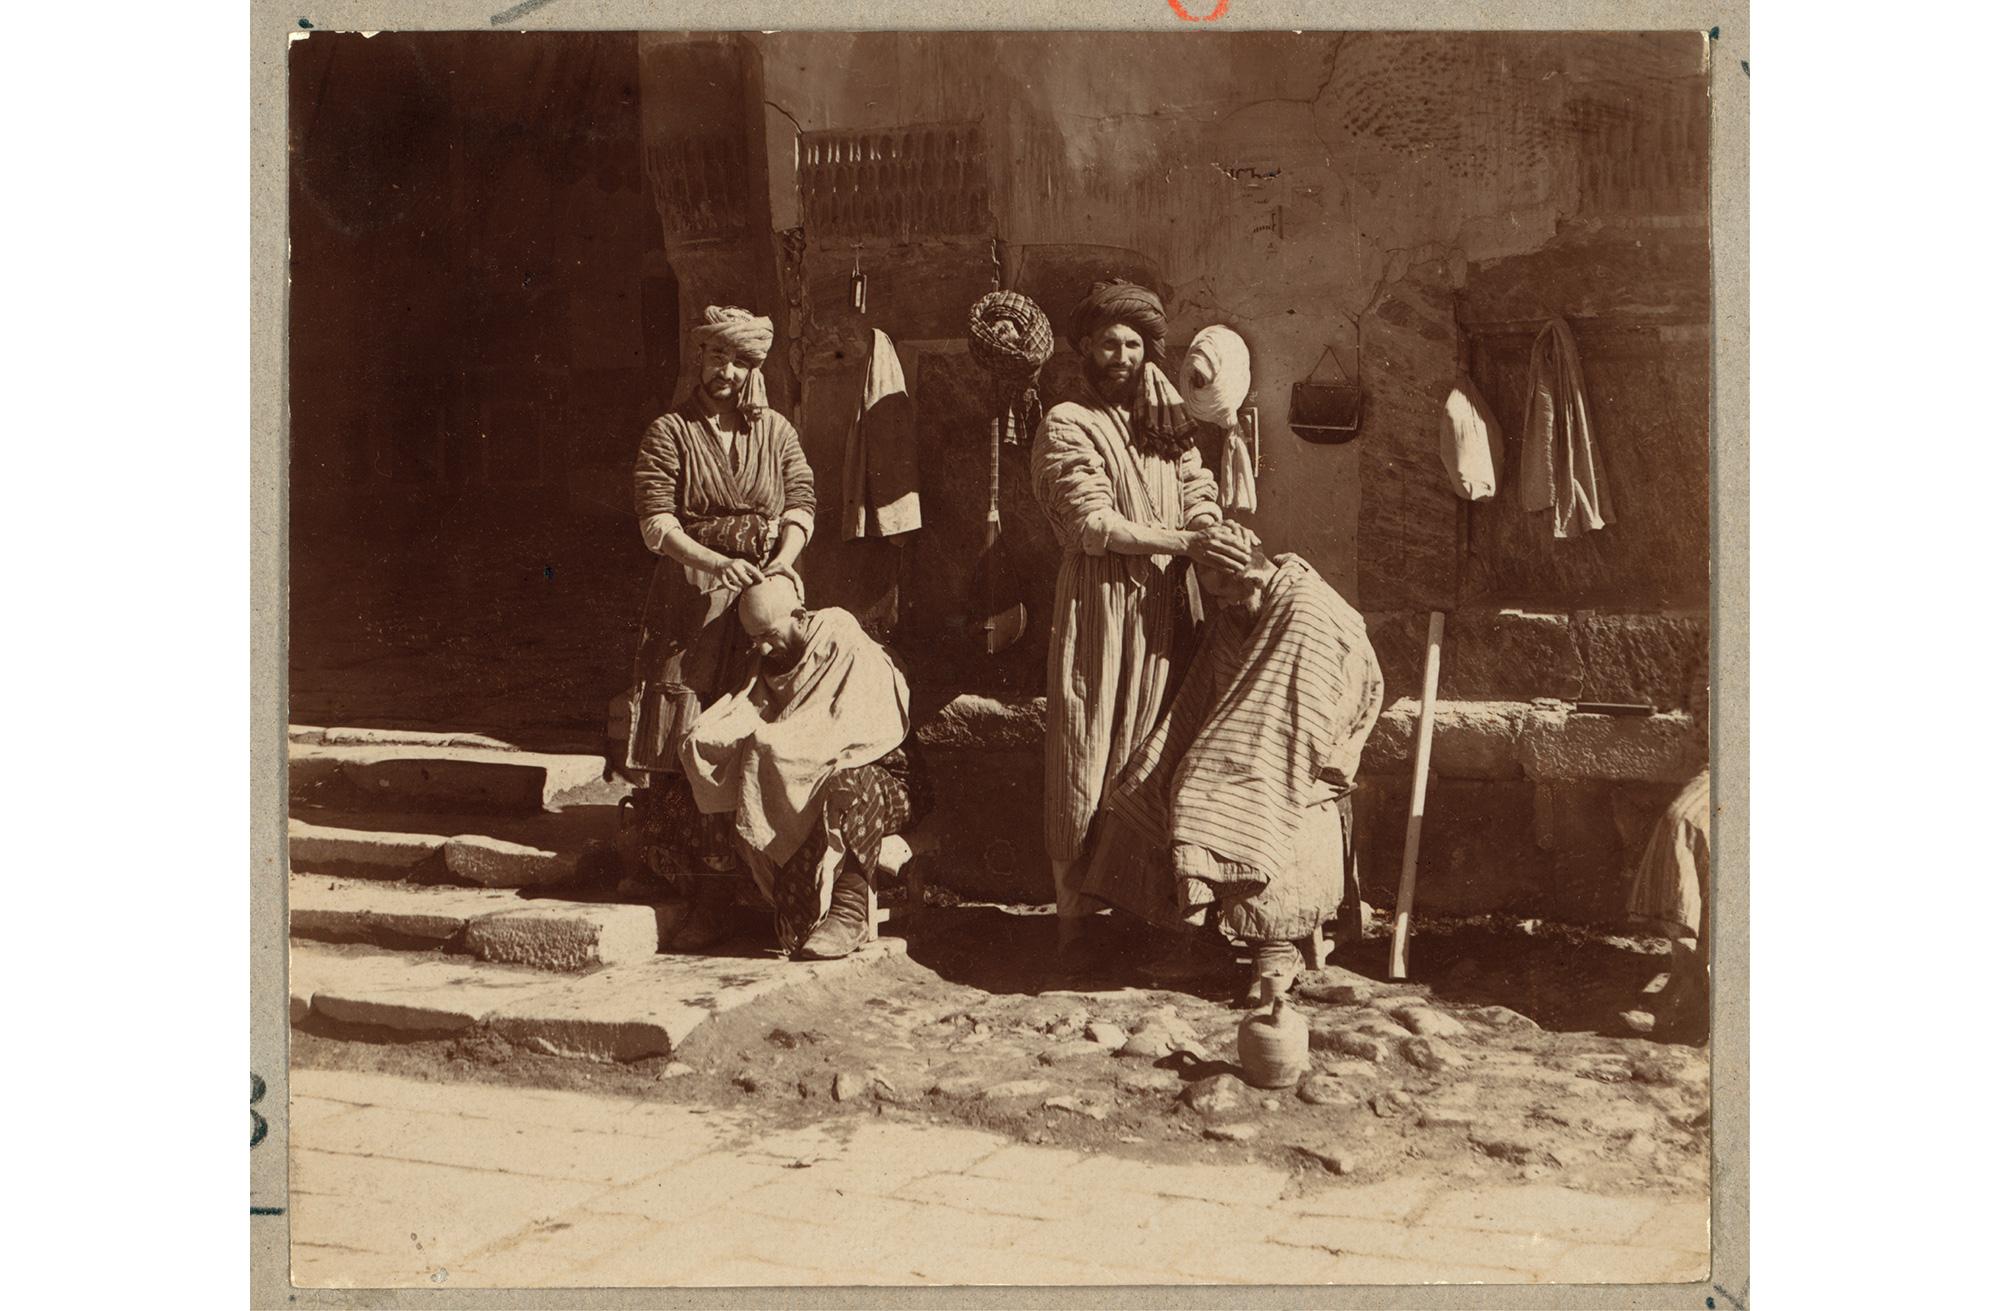 Friseure auf dem Registan in Samarkand, zwischen 1905 und 1915